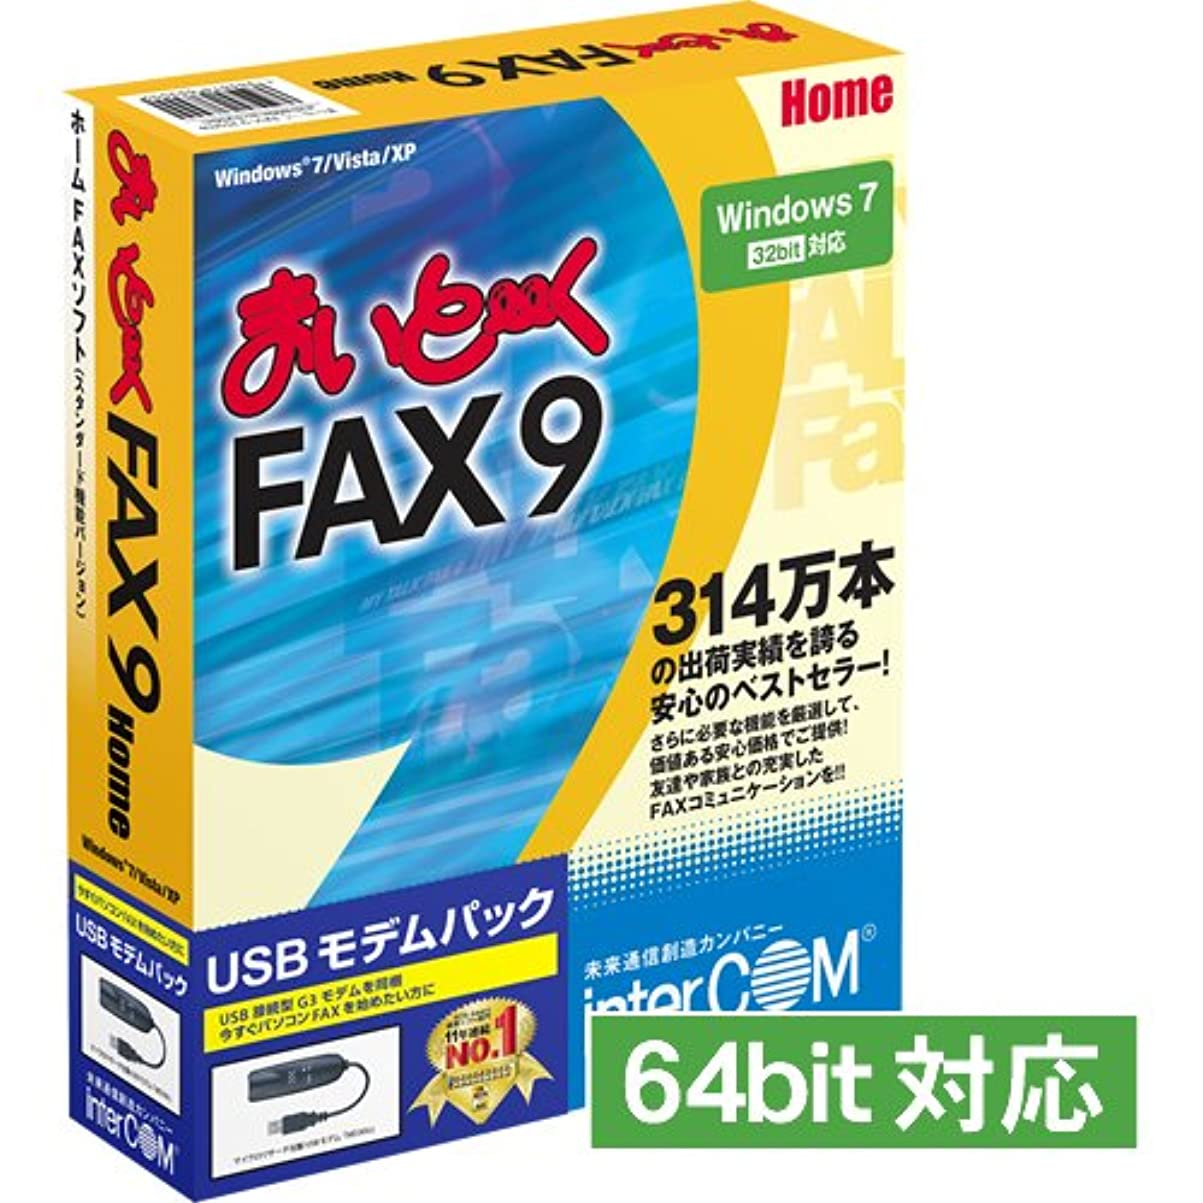 便宜社員沼地まいと~く FAX 9 Home USBモデムパック